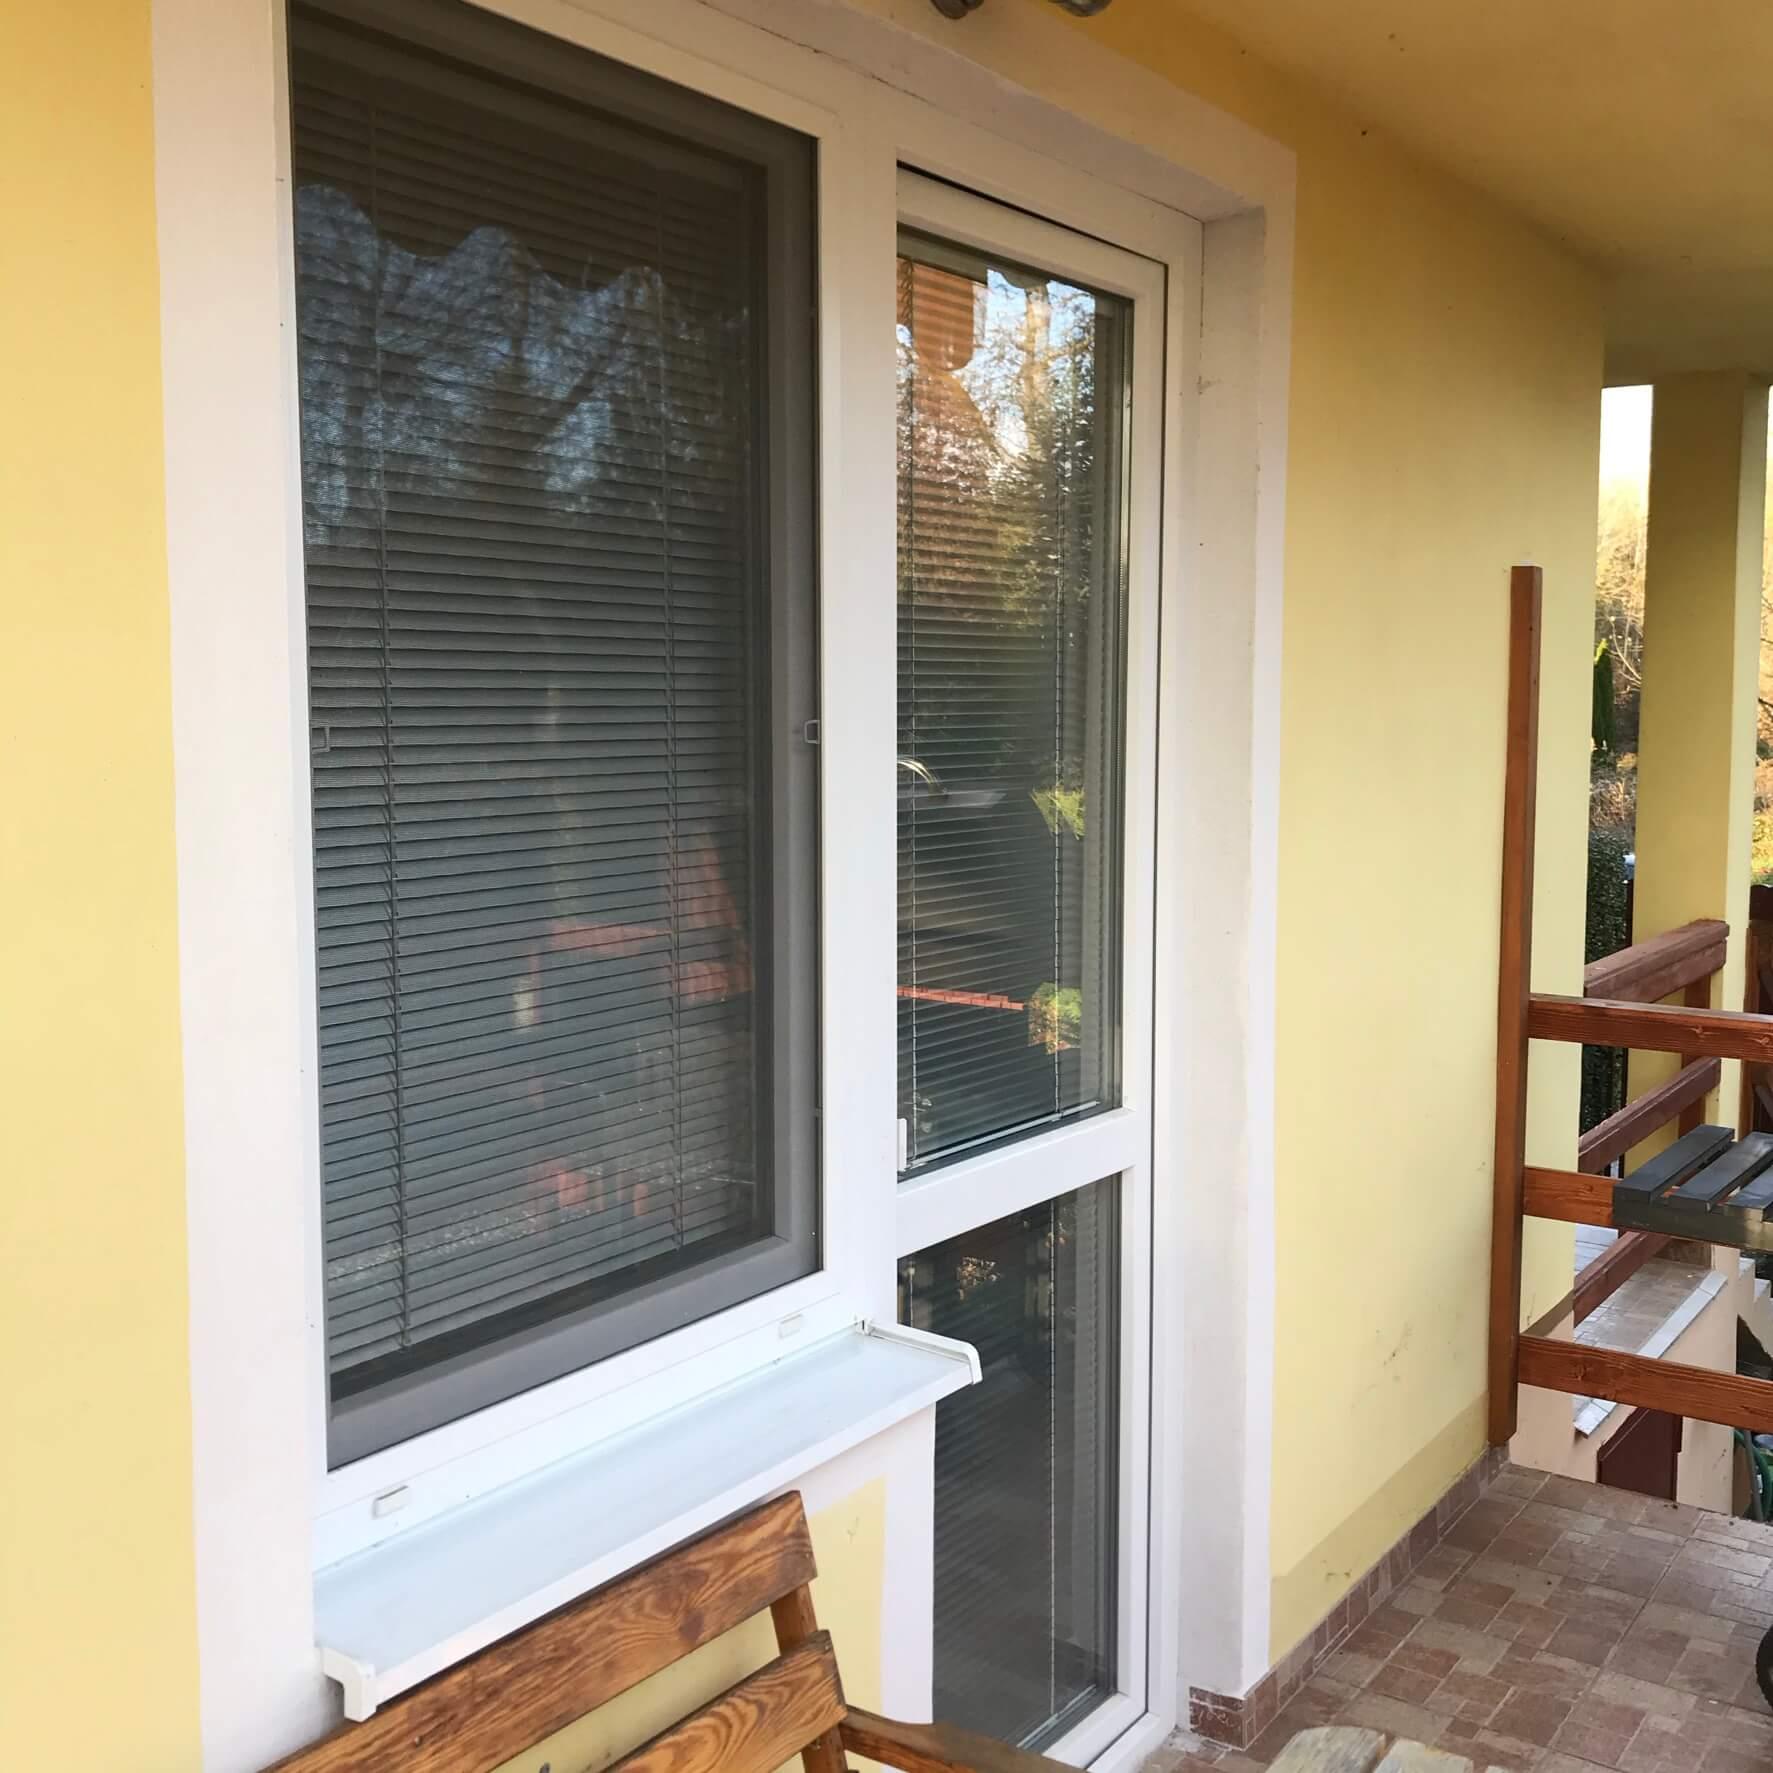 Predané: Exkluzívne 3 izbová chata o výmere 70m2 s 300m2 pozemkom, 2 podložná, v Gabčíkove pri hrádzi, kompe-40